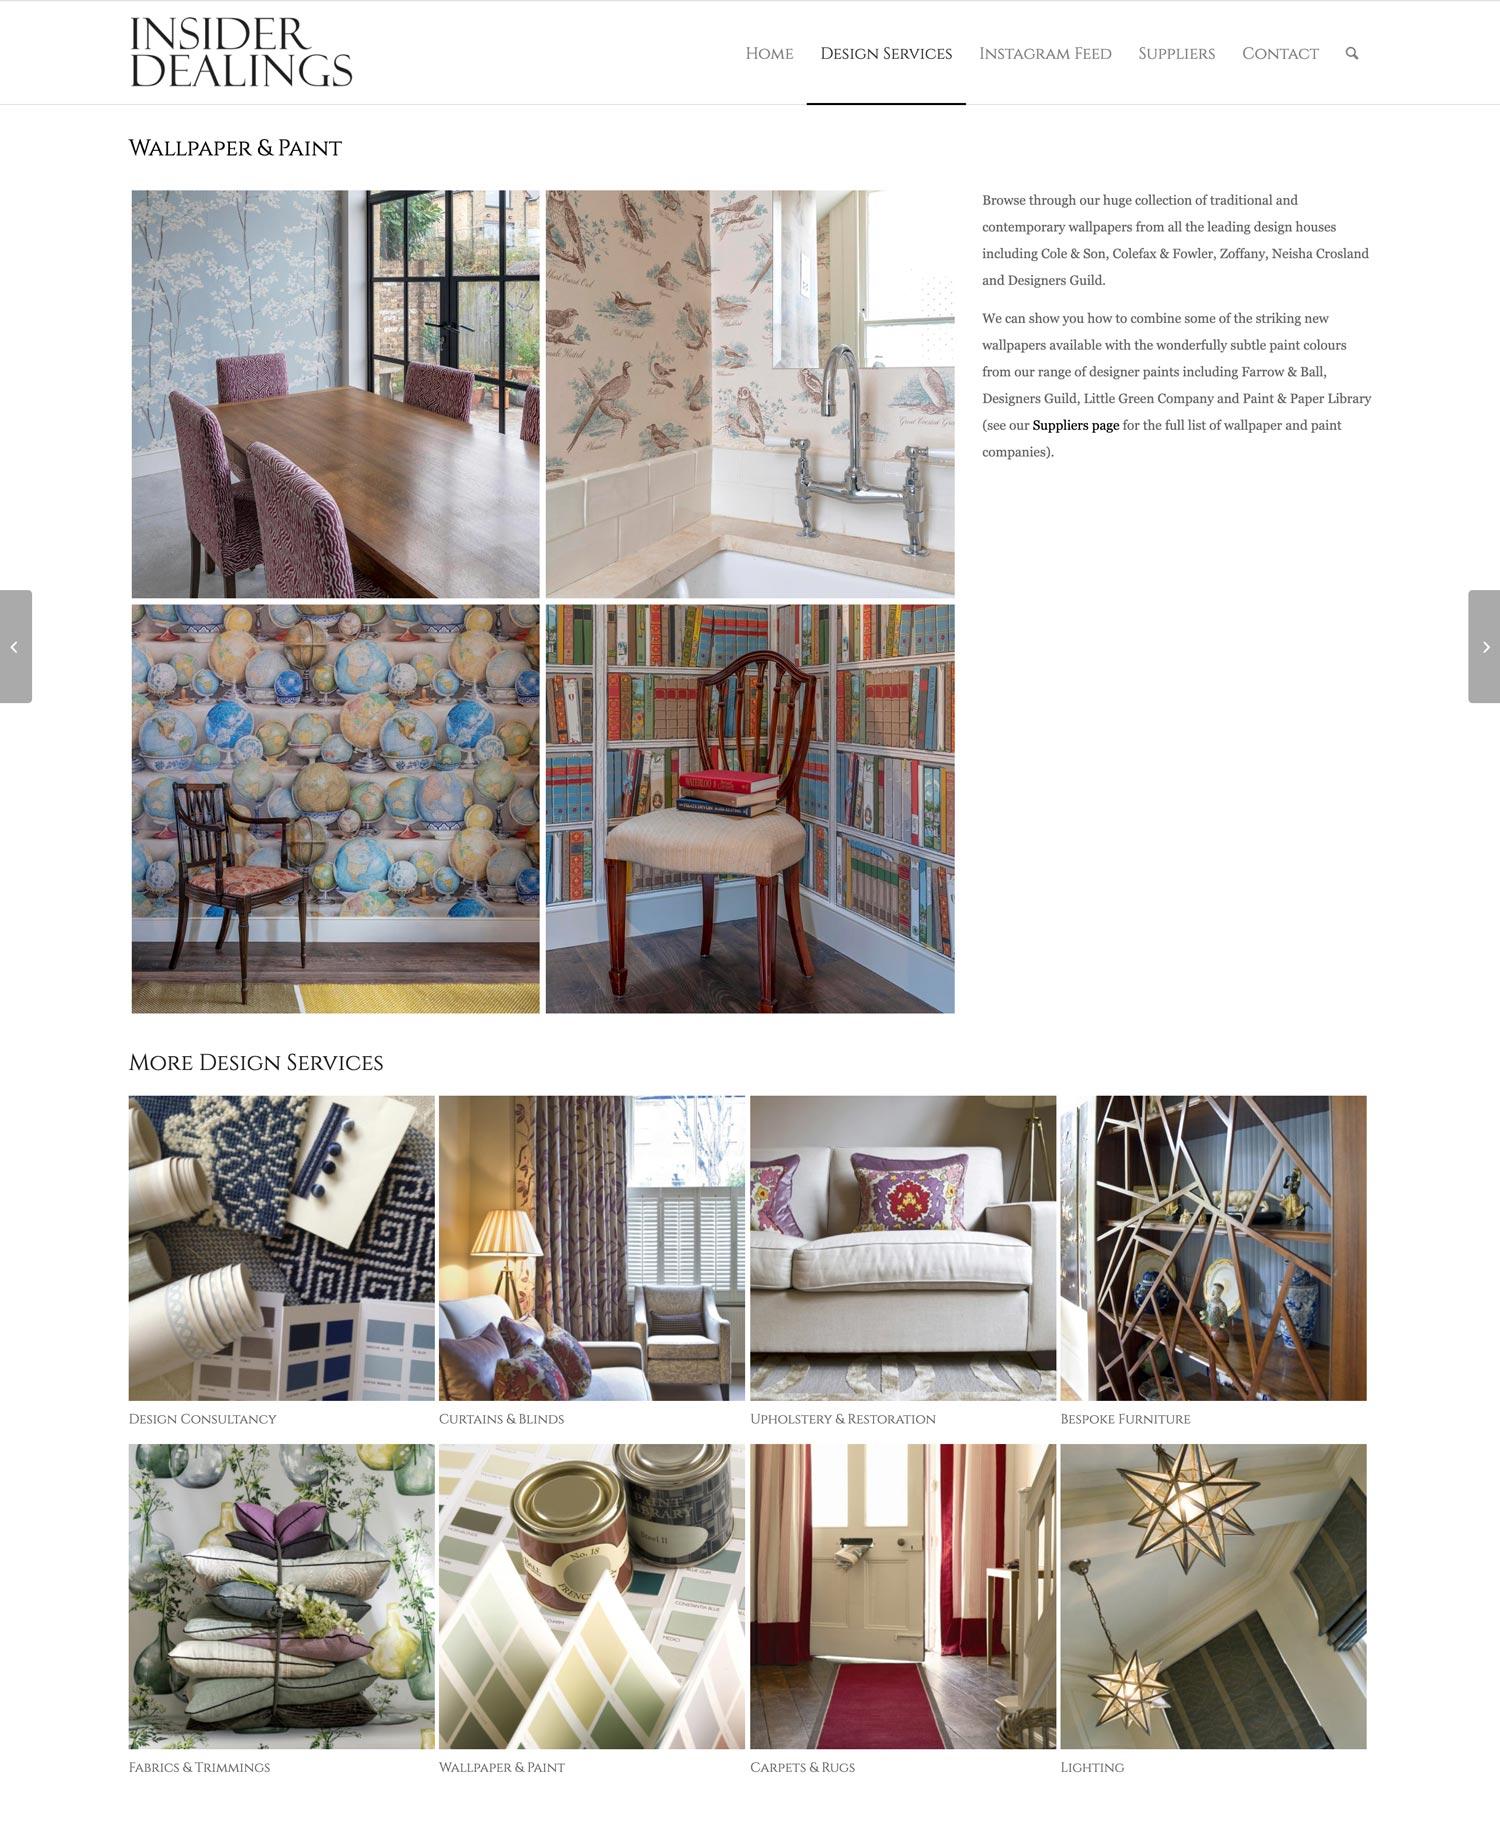 Insider Dealings Website Wallpaper and Paint